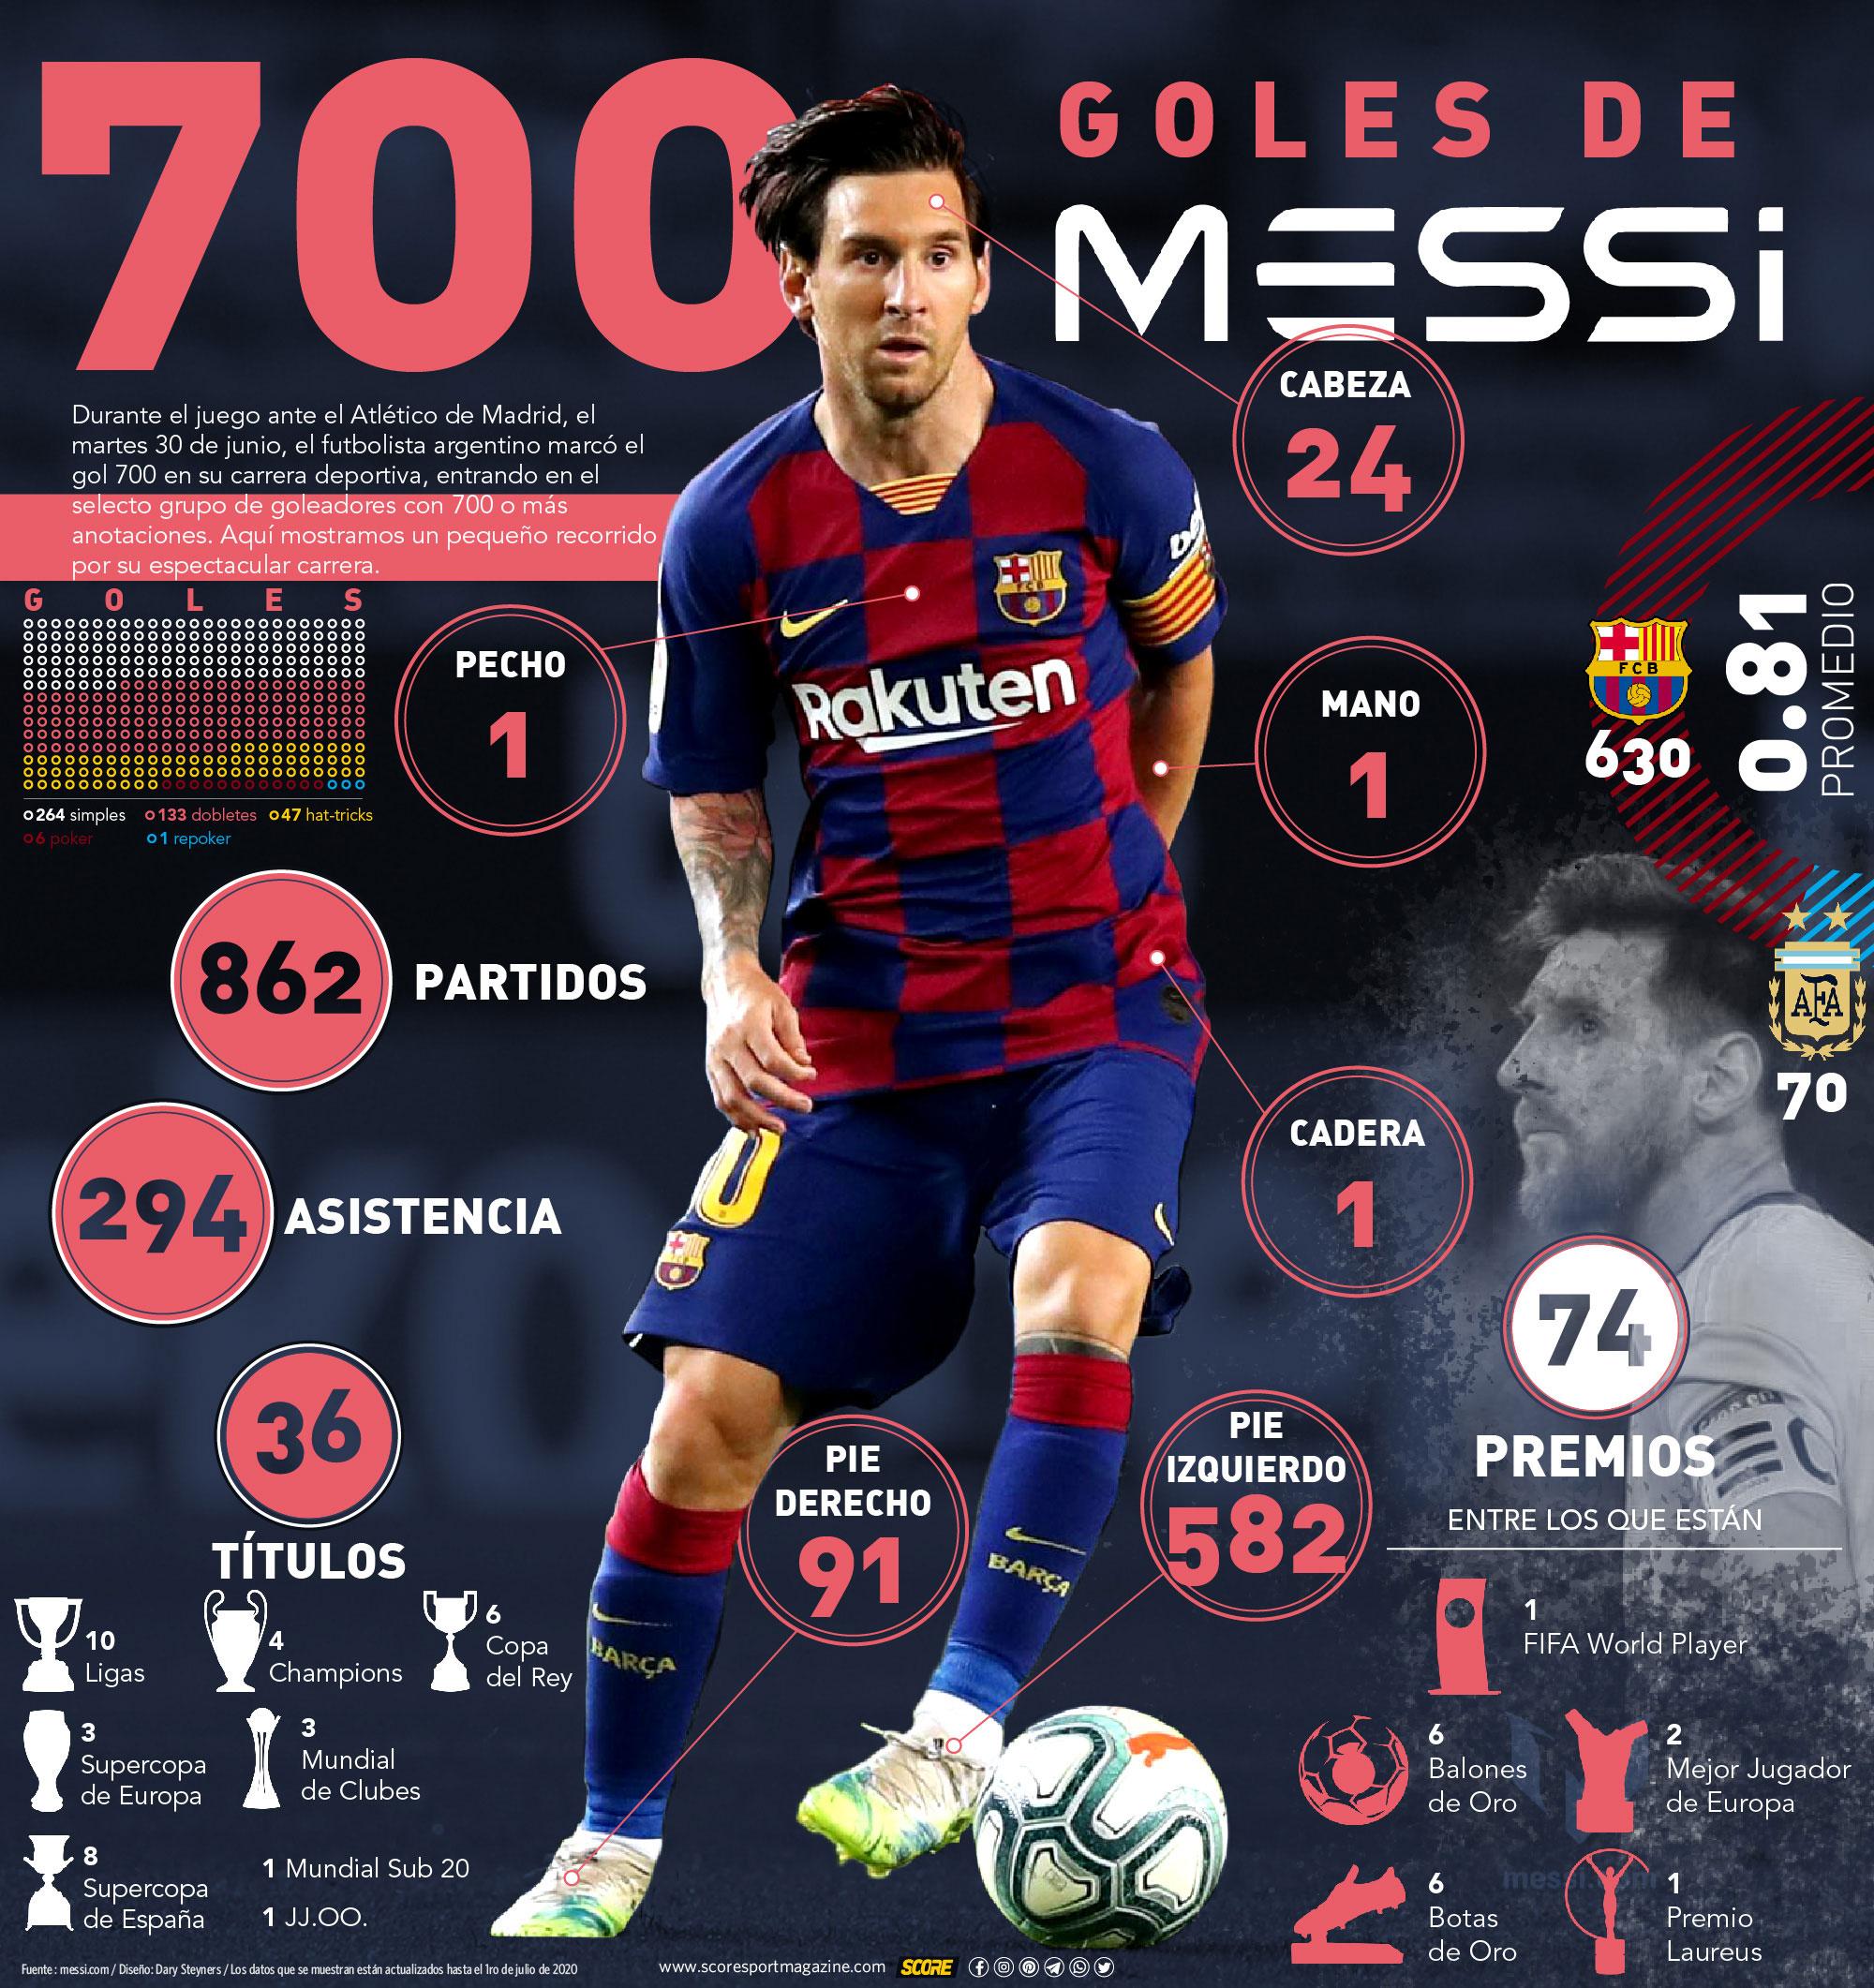 700 goles de Messi-infografía